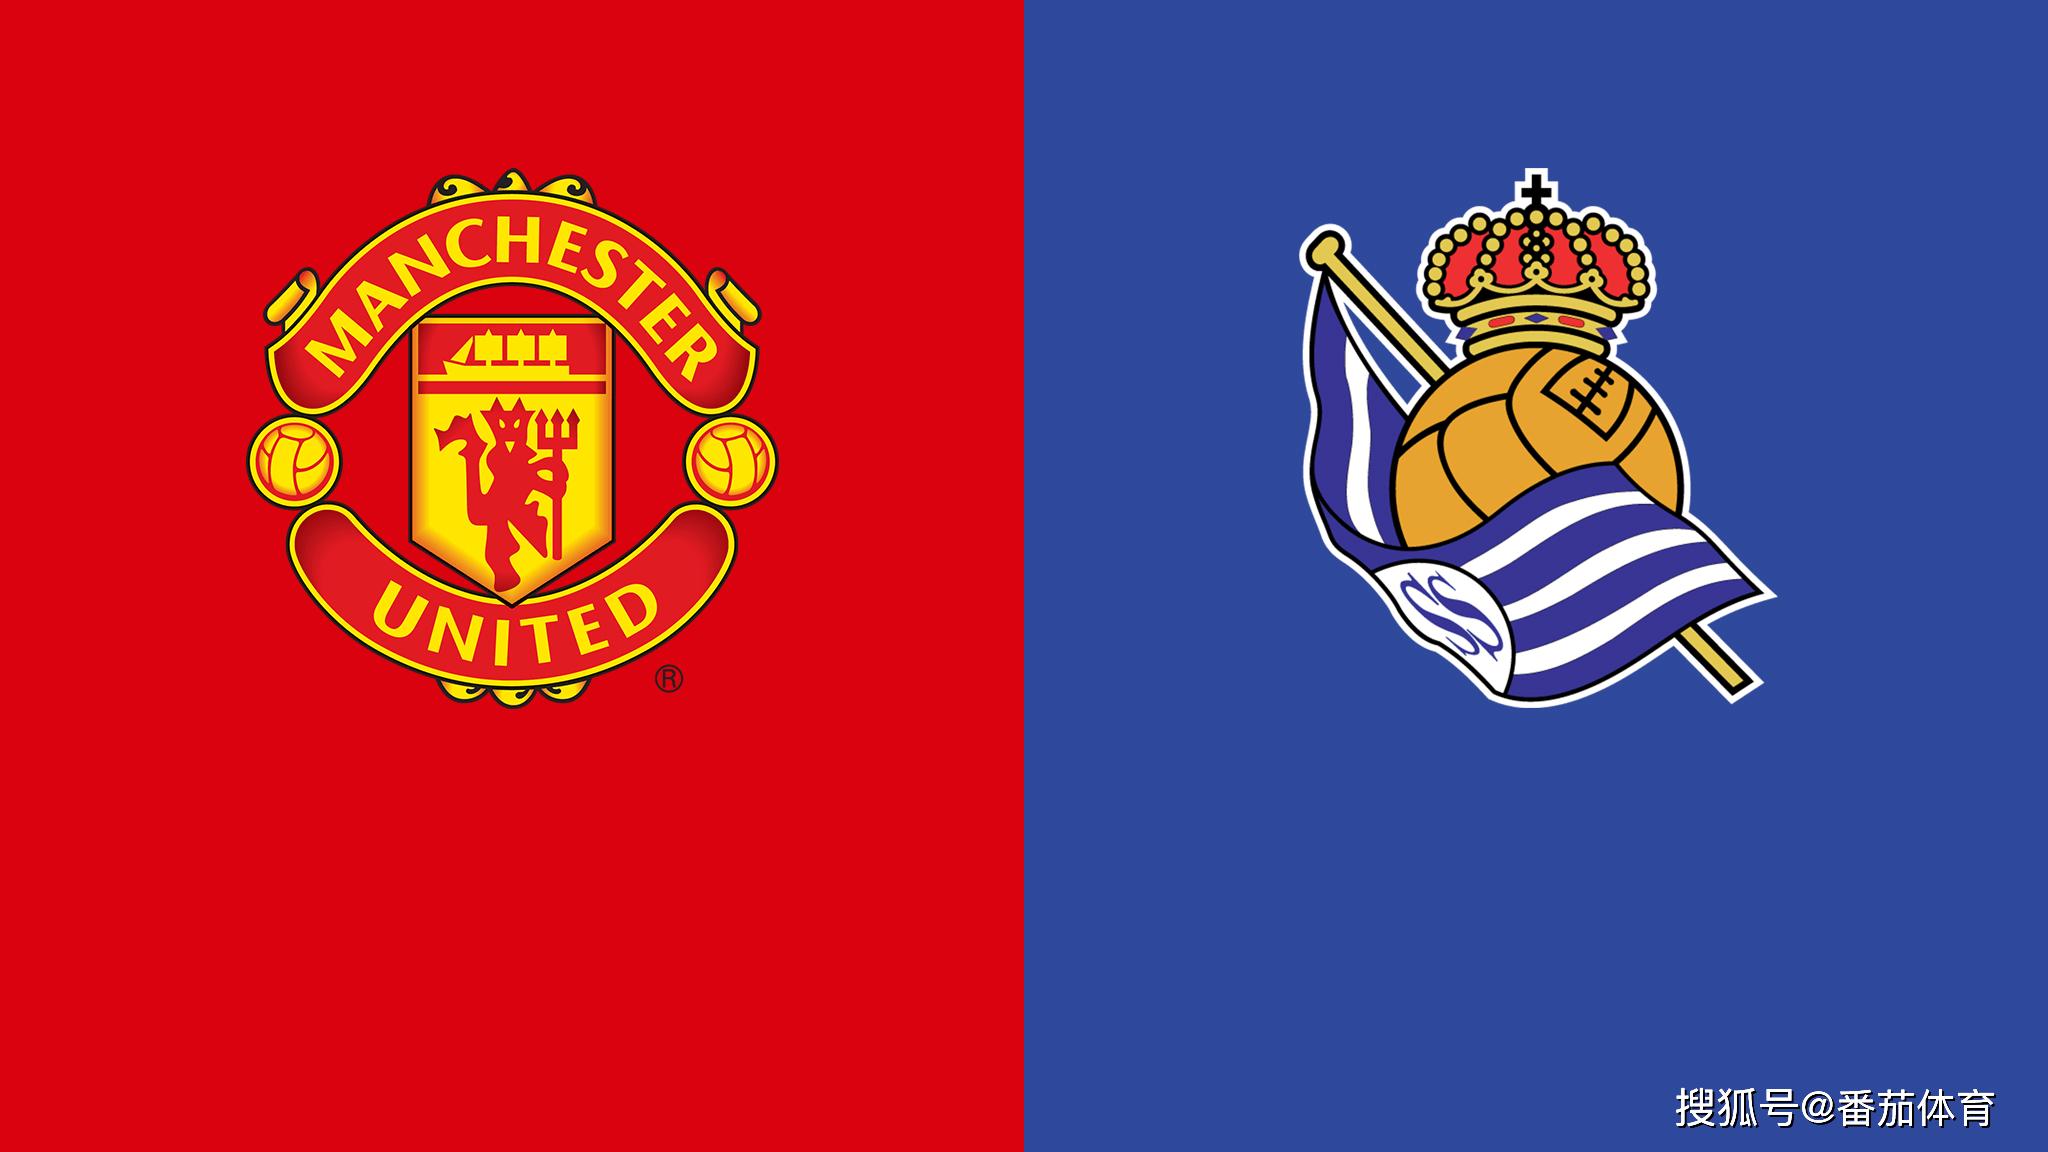 原创             [欧罗巴杯]赛事解读:曼联vs皇家社会,红魔势如破竹